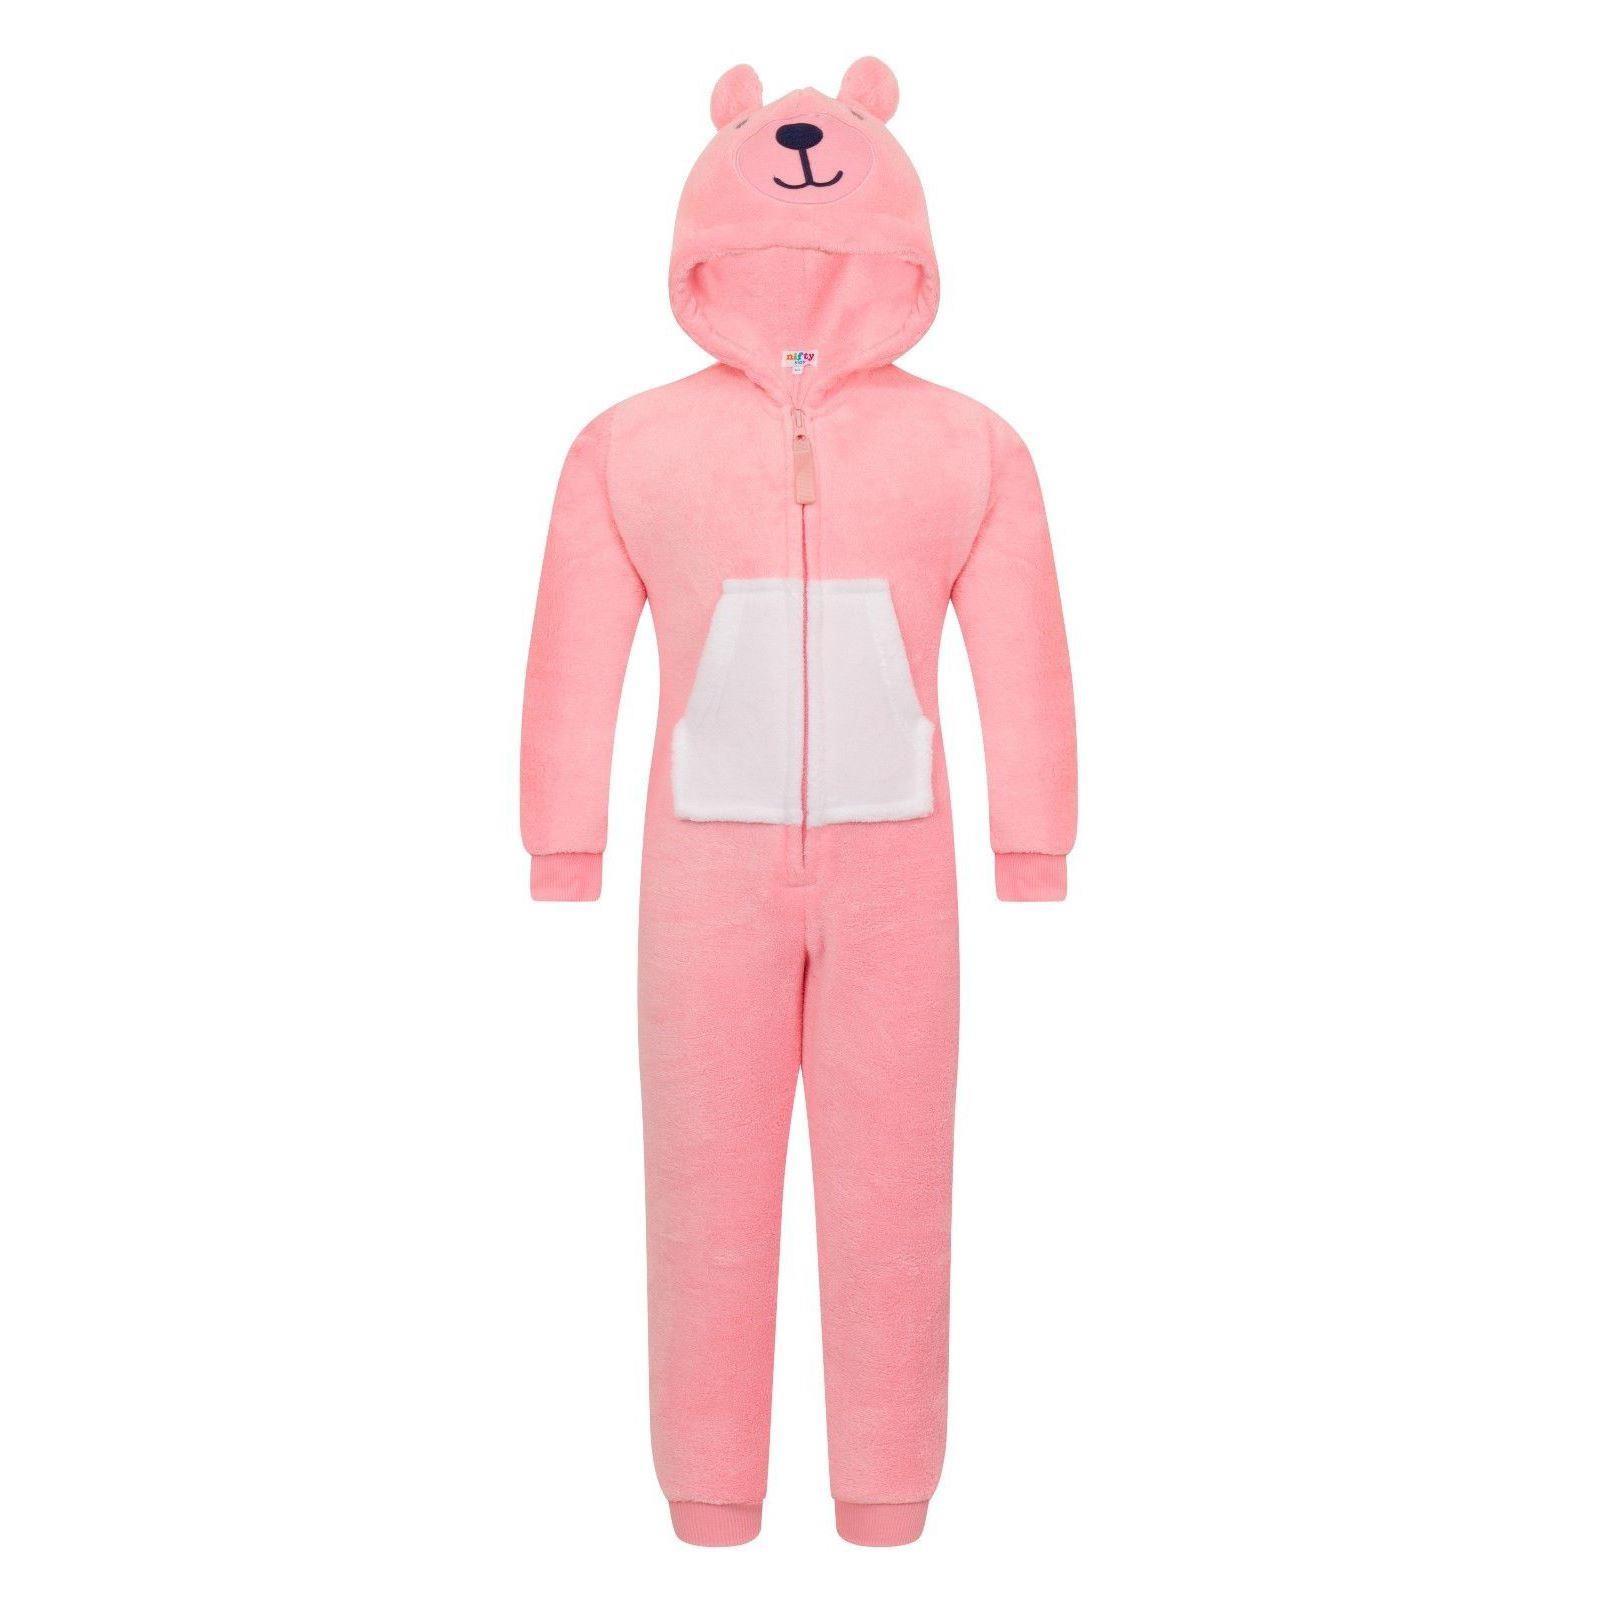 Nifty Kids Teddy Bear Fleece Onesie